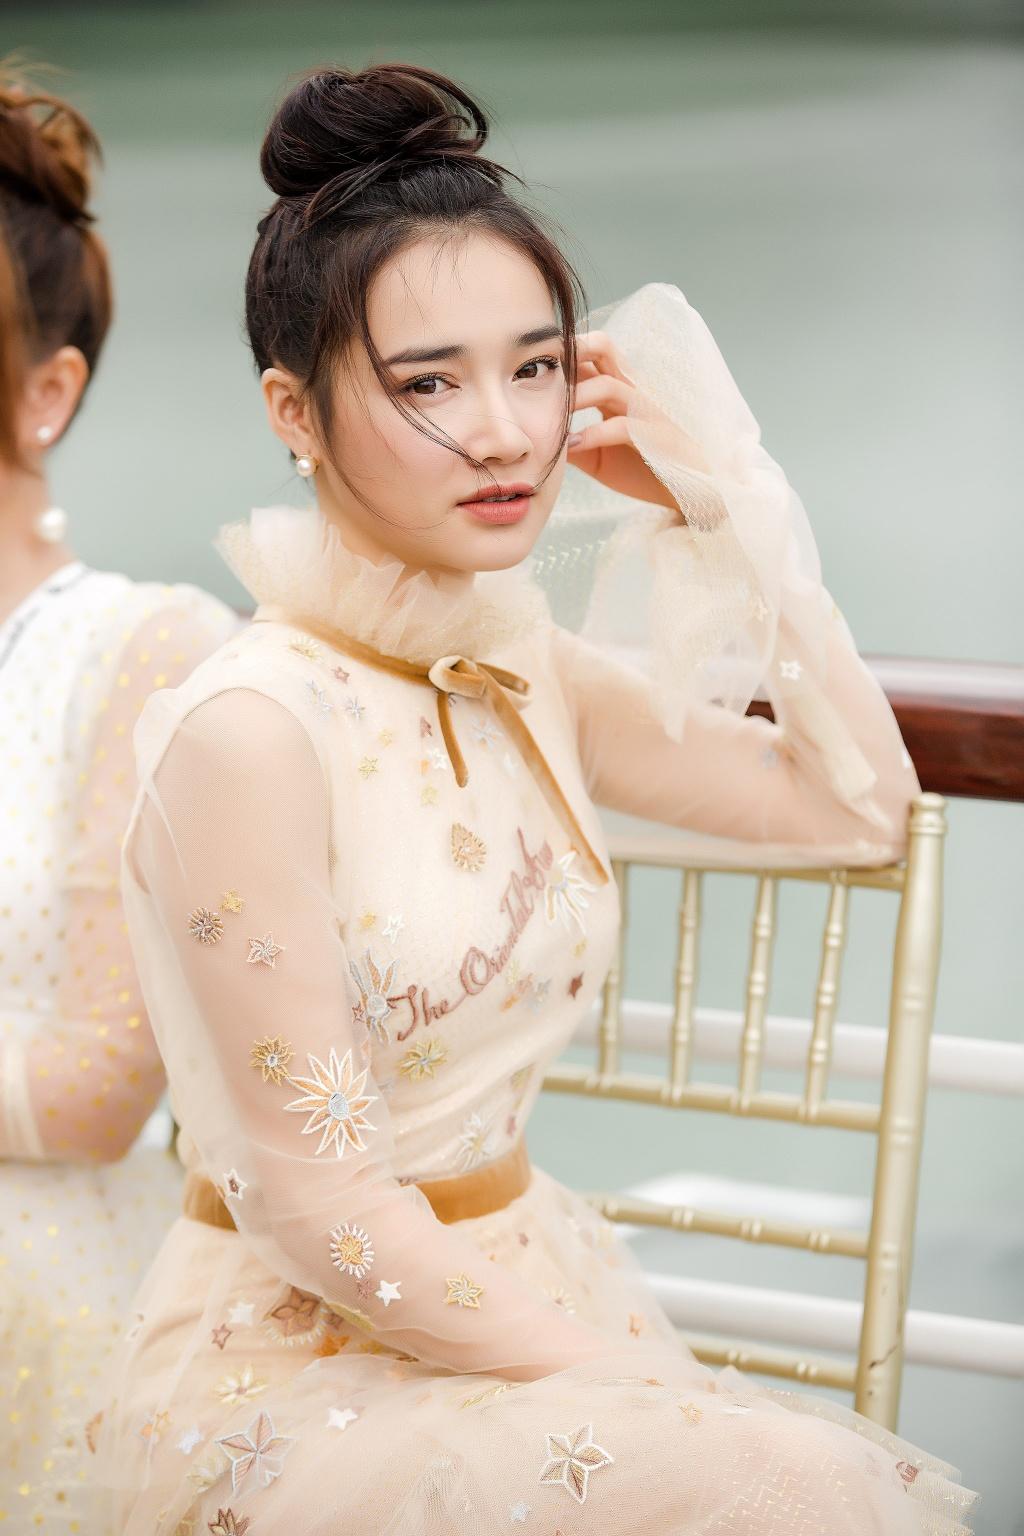 Nha Phuong cung dan sao nu xuat hien xinh xan tai show thoi trang hinh anh 2